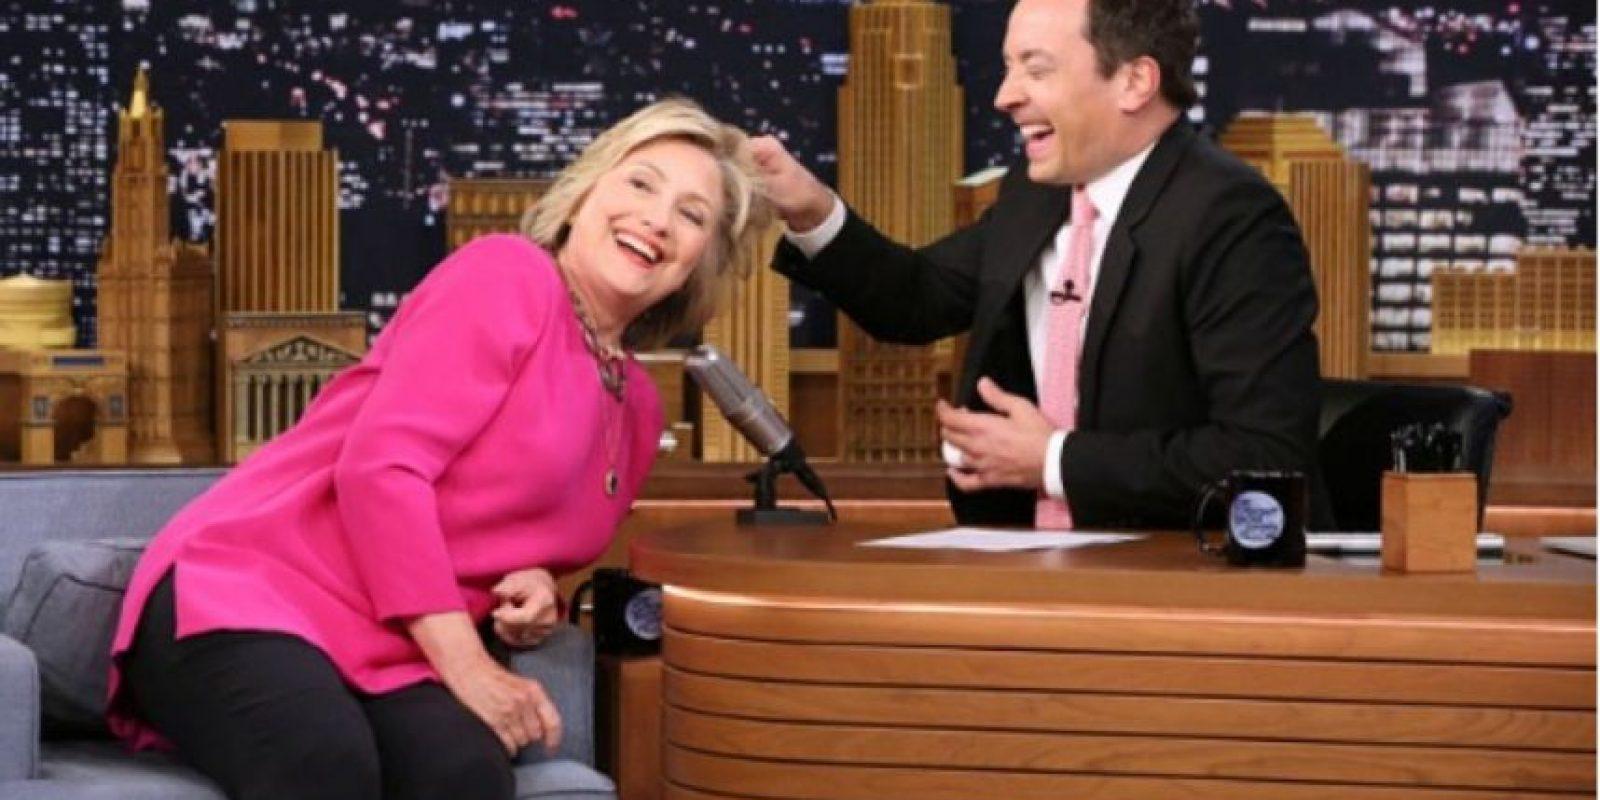 """Por esa razón, cuando se presentó en el programa """"Tonight Show"""", Clinton dejó que el presentador Jimmy Fallon halara su cabello. Foto:Vía NBC"""